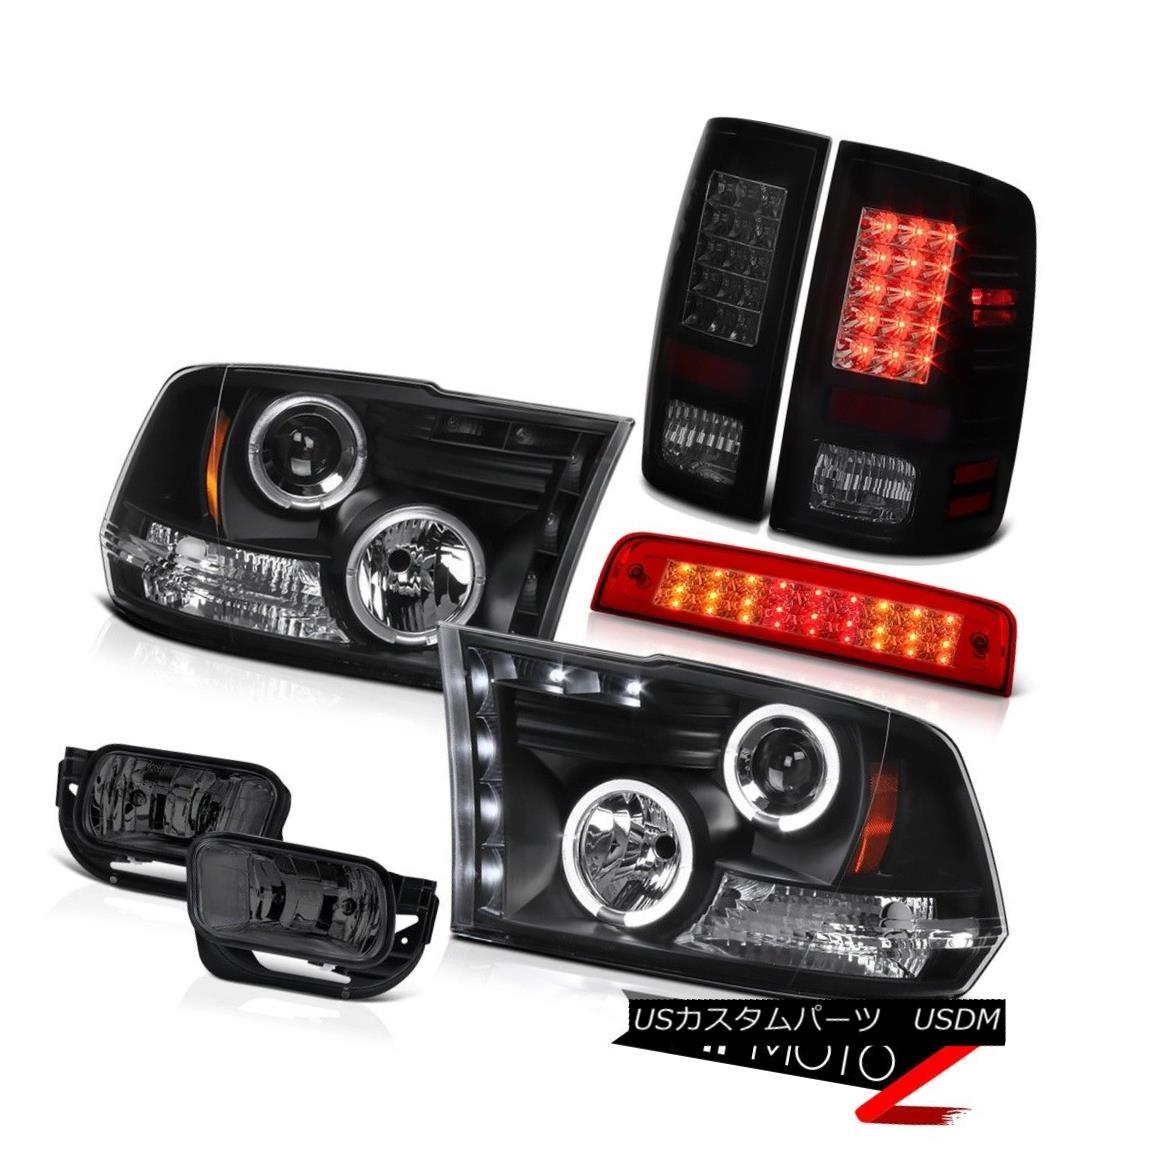 テールライト 10-18 Ram 2500 3500 SLT Wine Red High Stop Lamp Foglamps Tail Lights Headlamps 10-18 Ram 2500 3500 SLTワインレッドハイストップランプフォグランプテールライトヘッドランプ